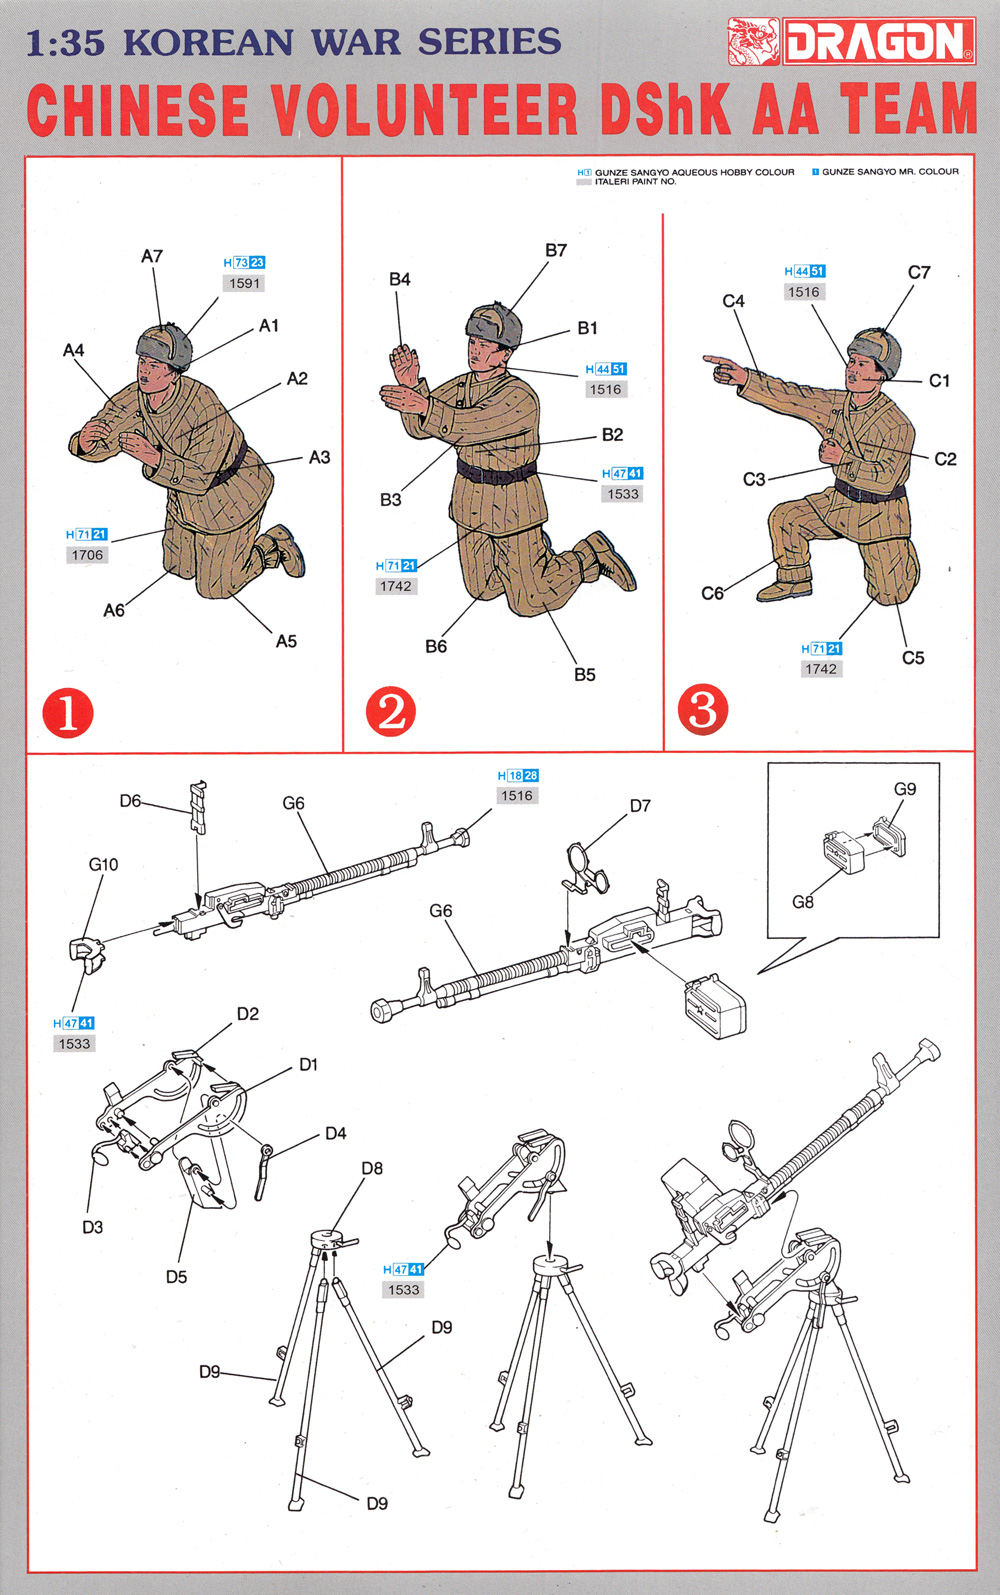 中国人民志願兵 DShK対空機関銃チームプラモデル(ドラゴン1/35 Korean War SeriesNo.6809)商品画像_1